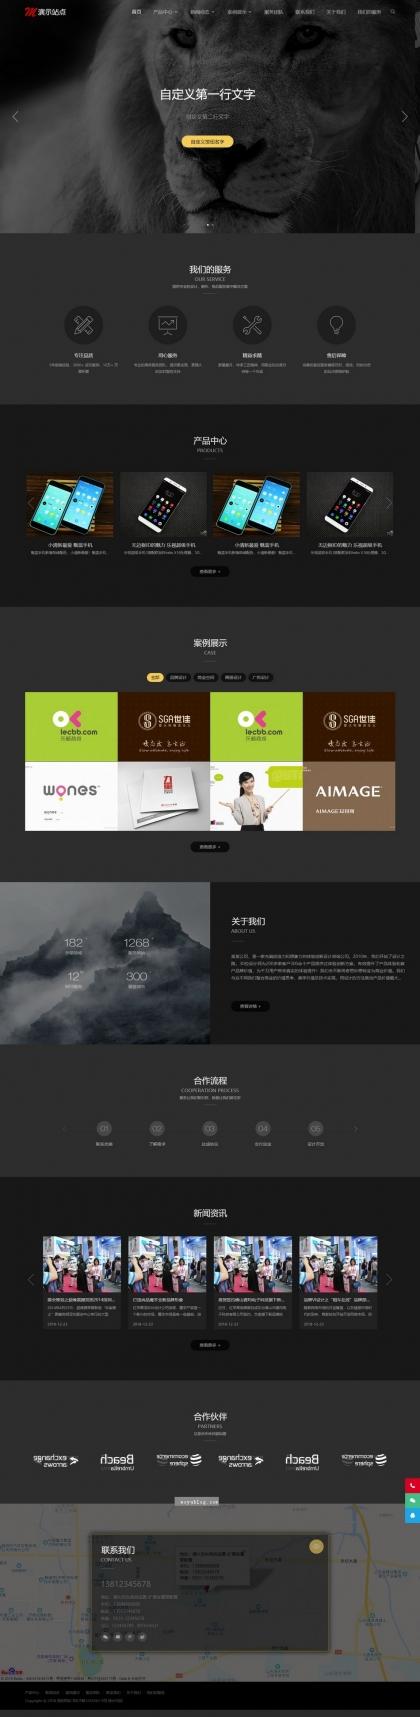 黑色版公司企业产品团队新闻图片展示HTML5响应式自适应网站模板帝国CMS